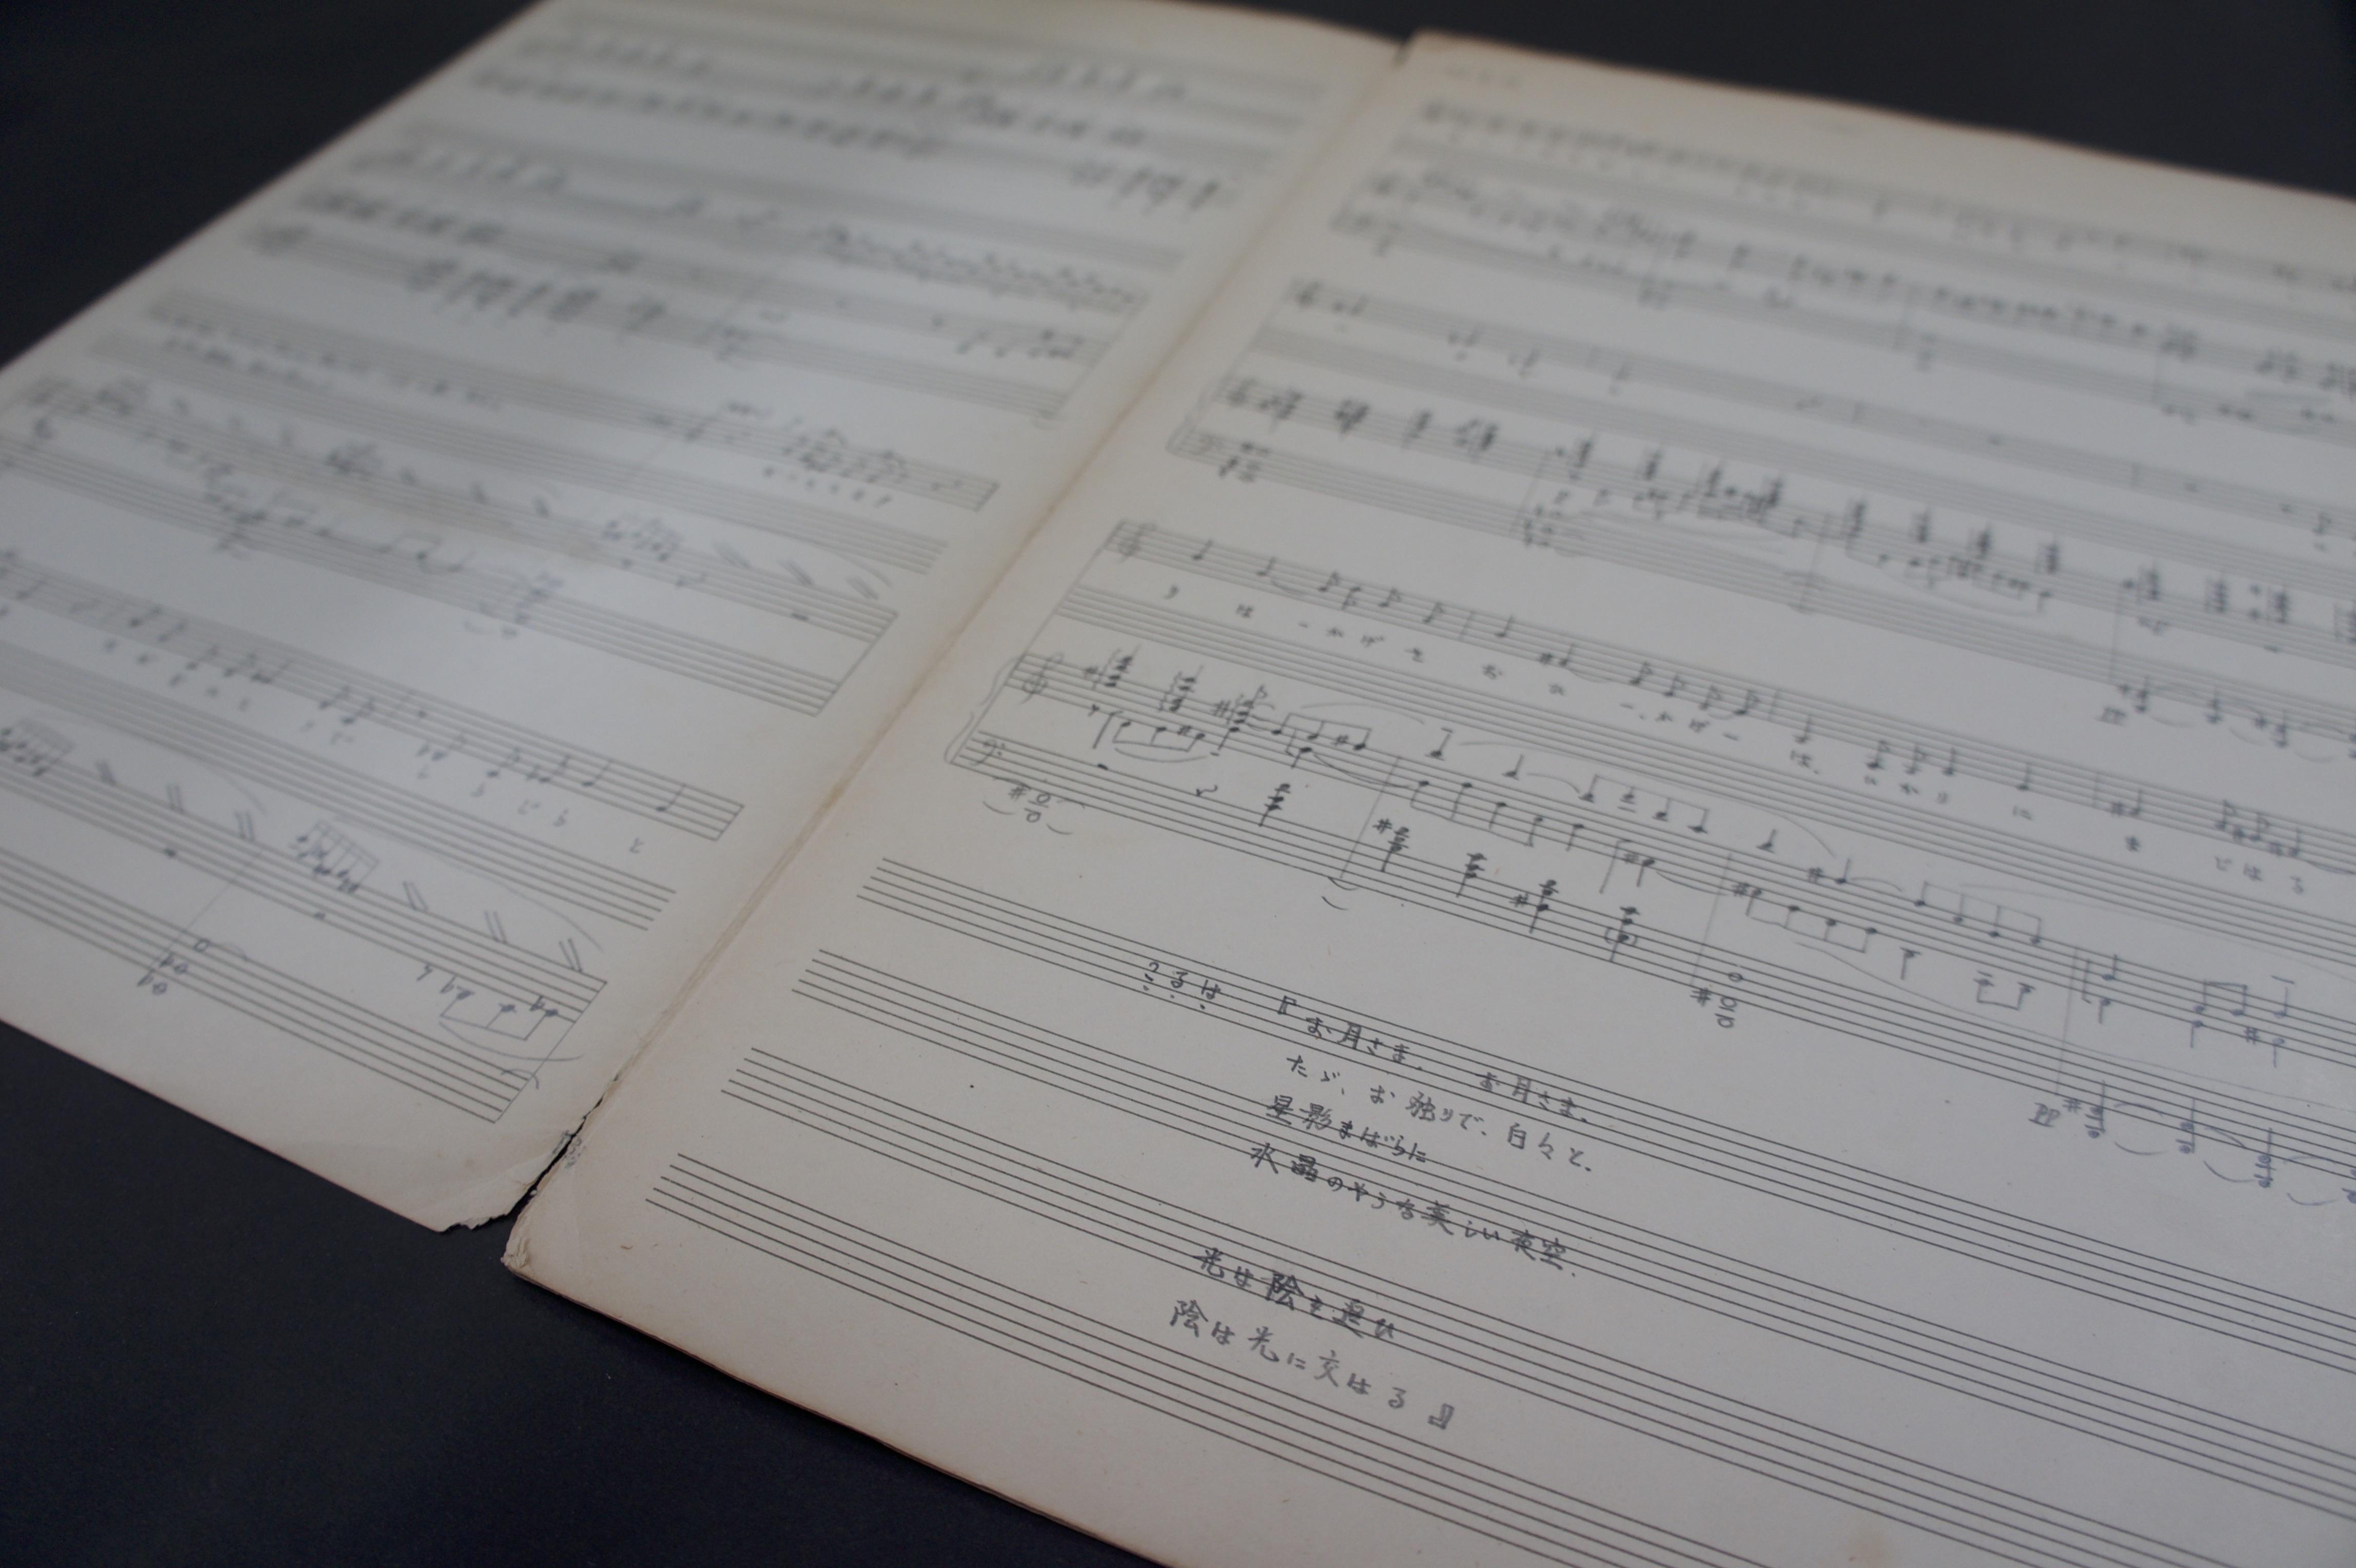 ★資料公開★「村野弘二作曲 オペラ《白狐》より第2幕第3場〈こるはの独唱〉」